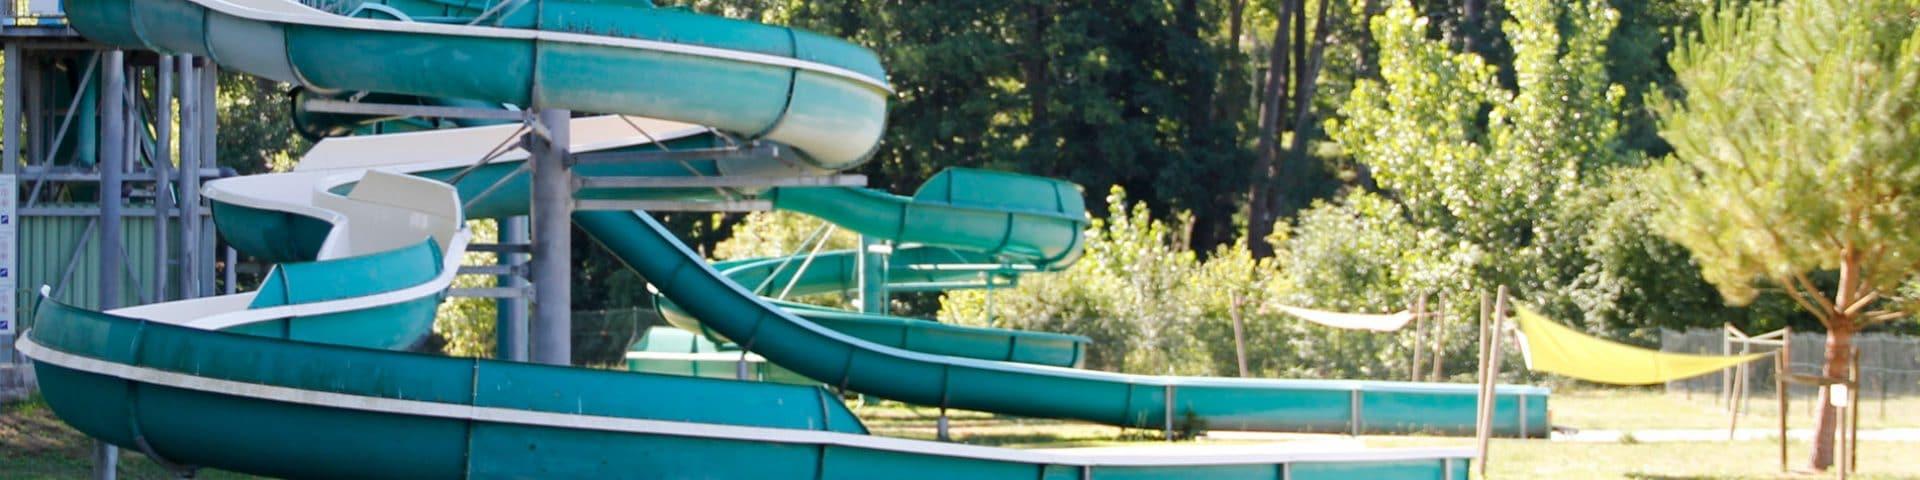 Camping La Dordogne Verte : Tobogan Du Camping Dordogne Verte 839524345